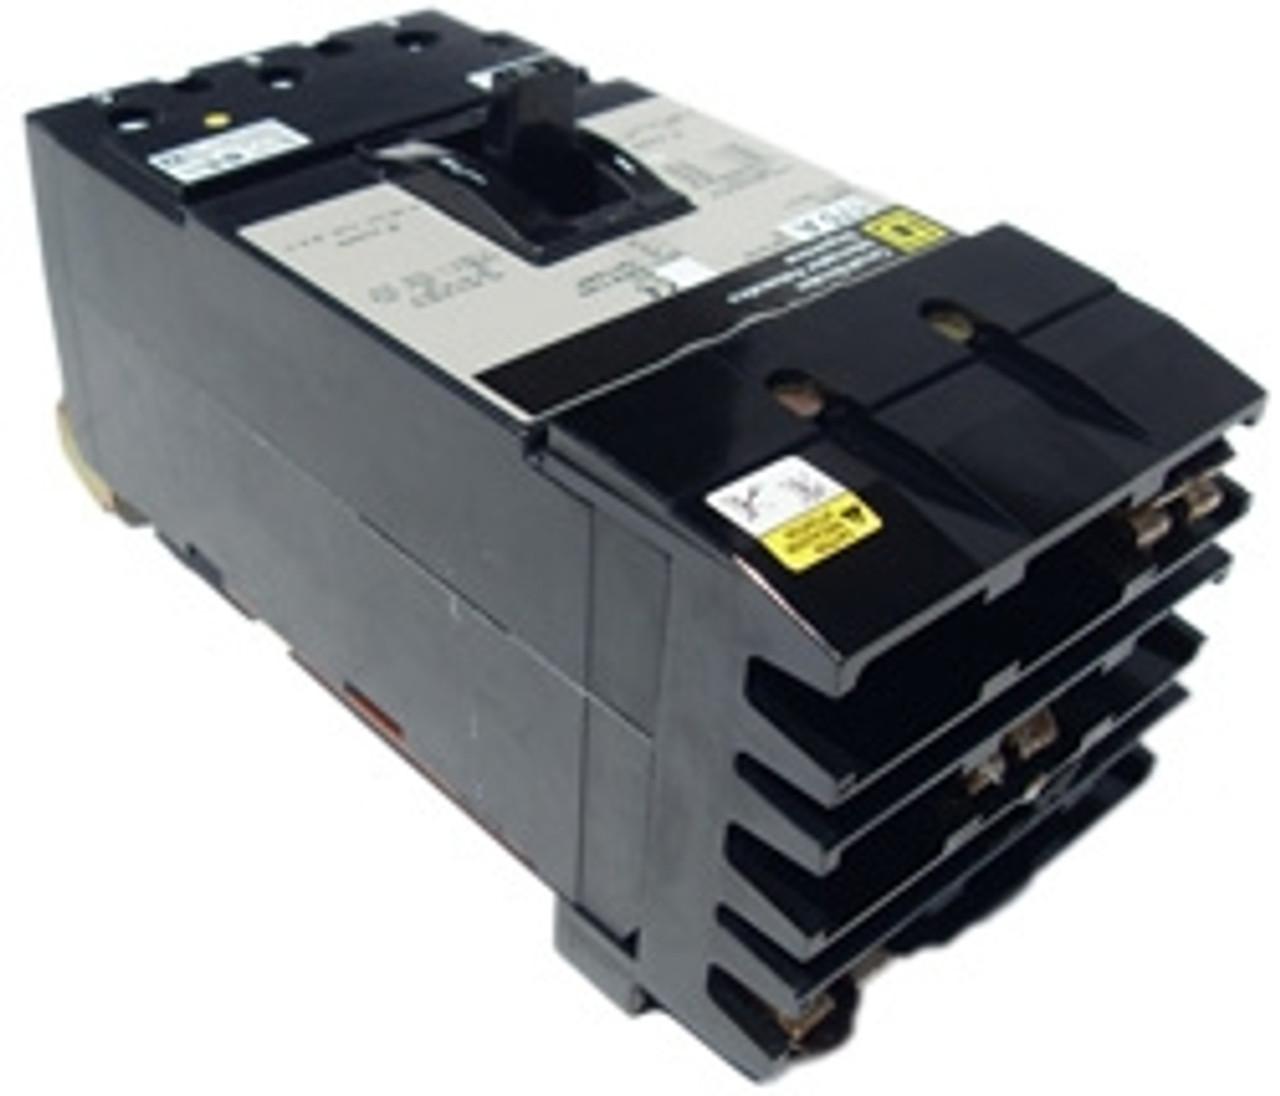 Square D KI36200 3 Pole 200 Amp 600 VAC MC Circuit Breaker - Used